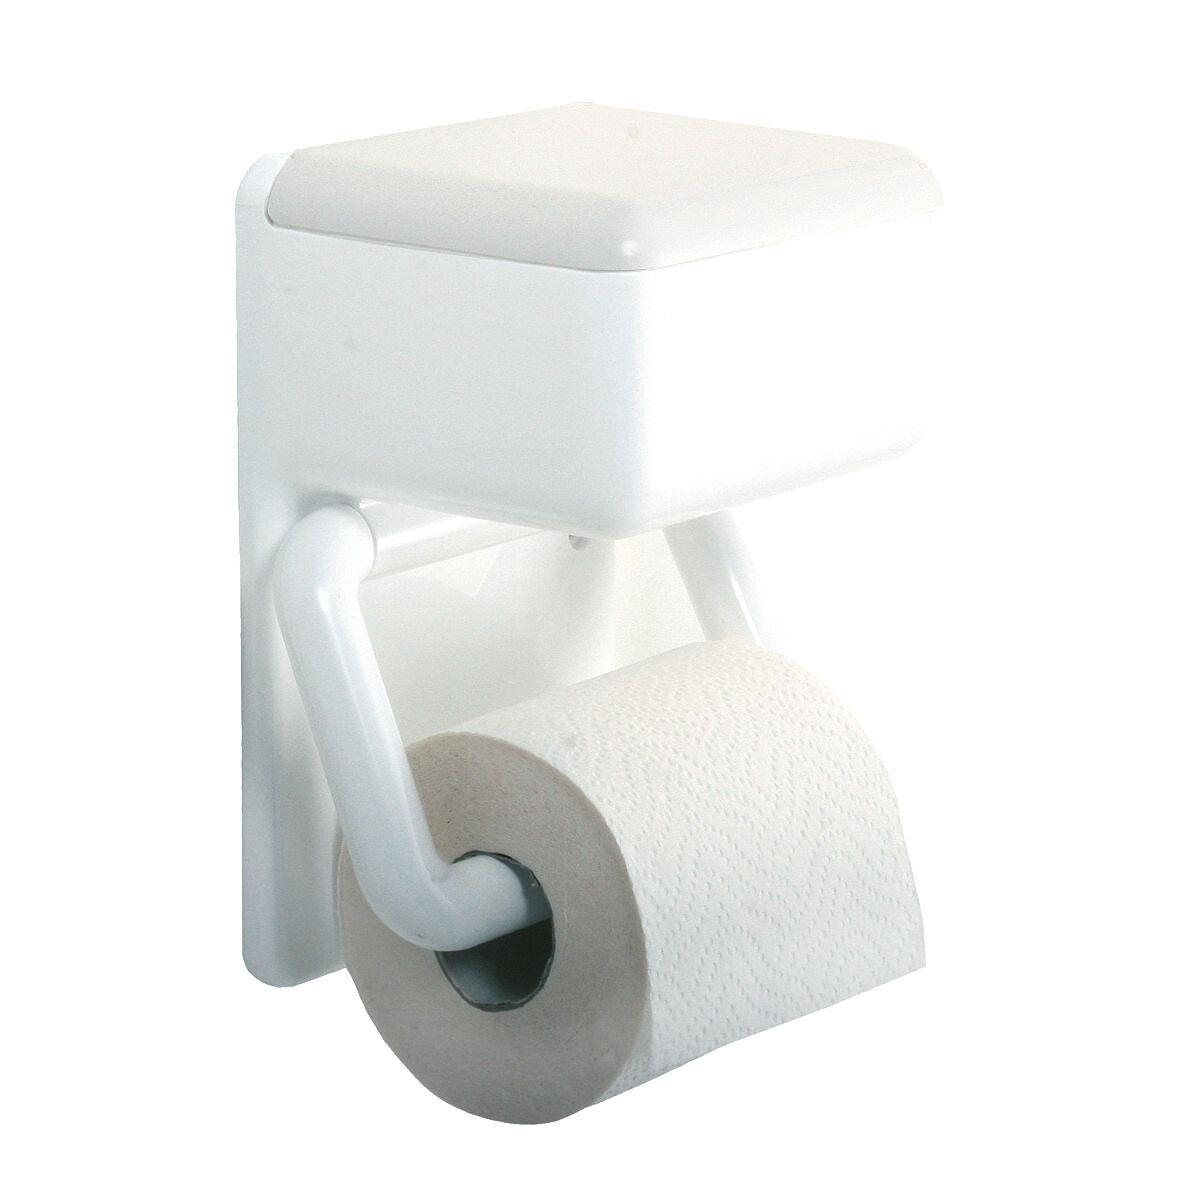 wenko wc papierhalter mit feuchttuchbox toilettenpapier halter toilettenpapierhalter. Black Bedroom Furniture Sets. Home Design Ideas